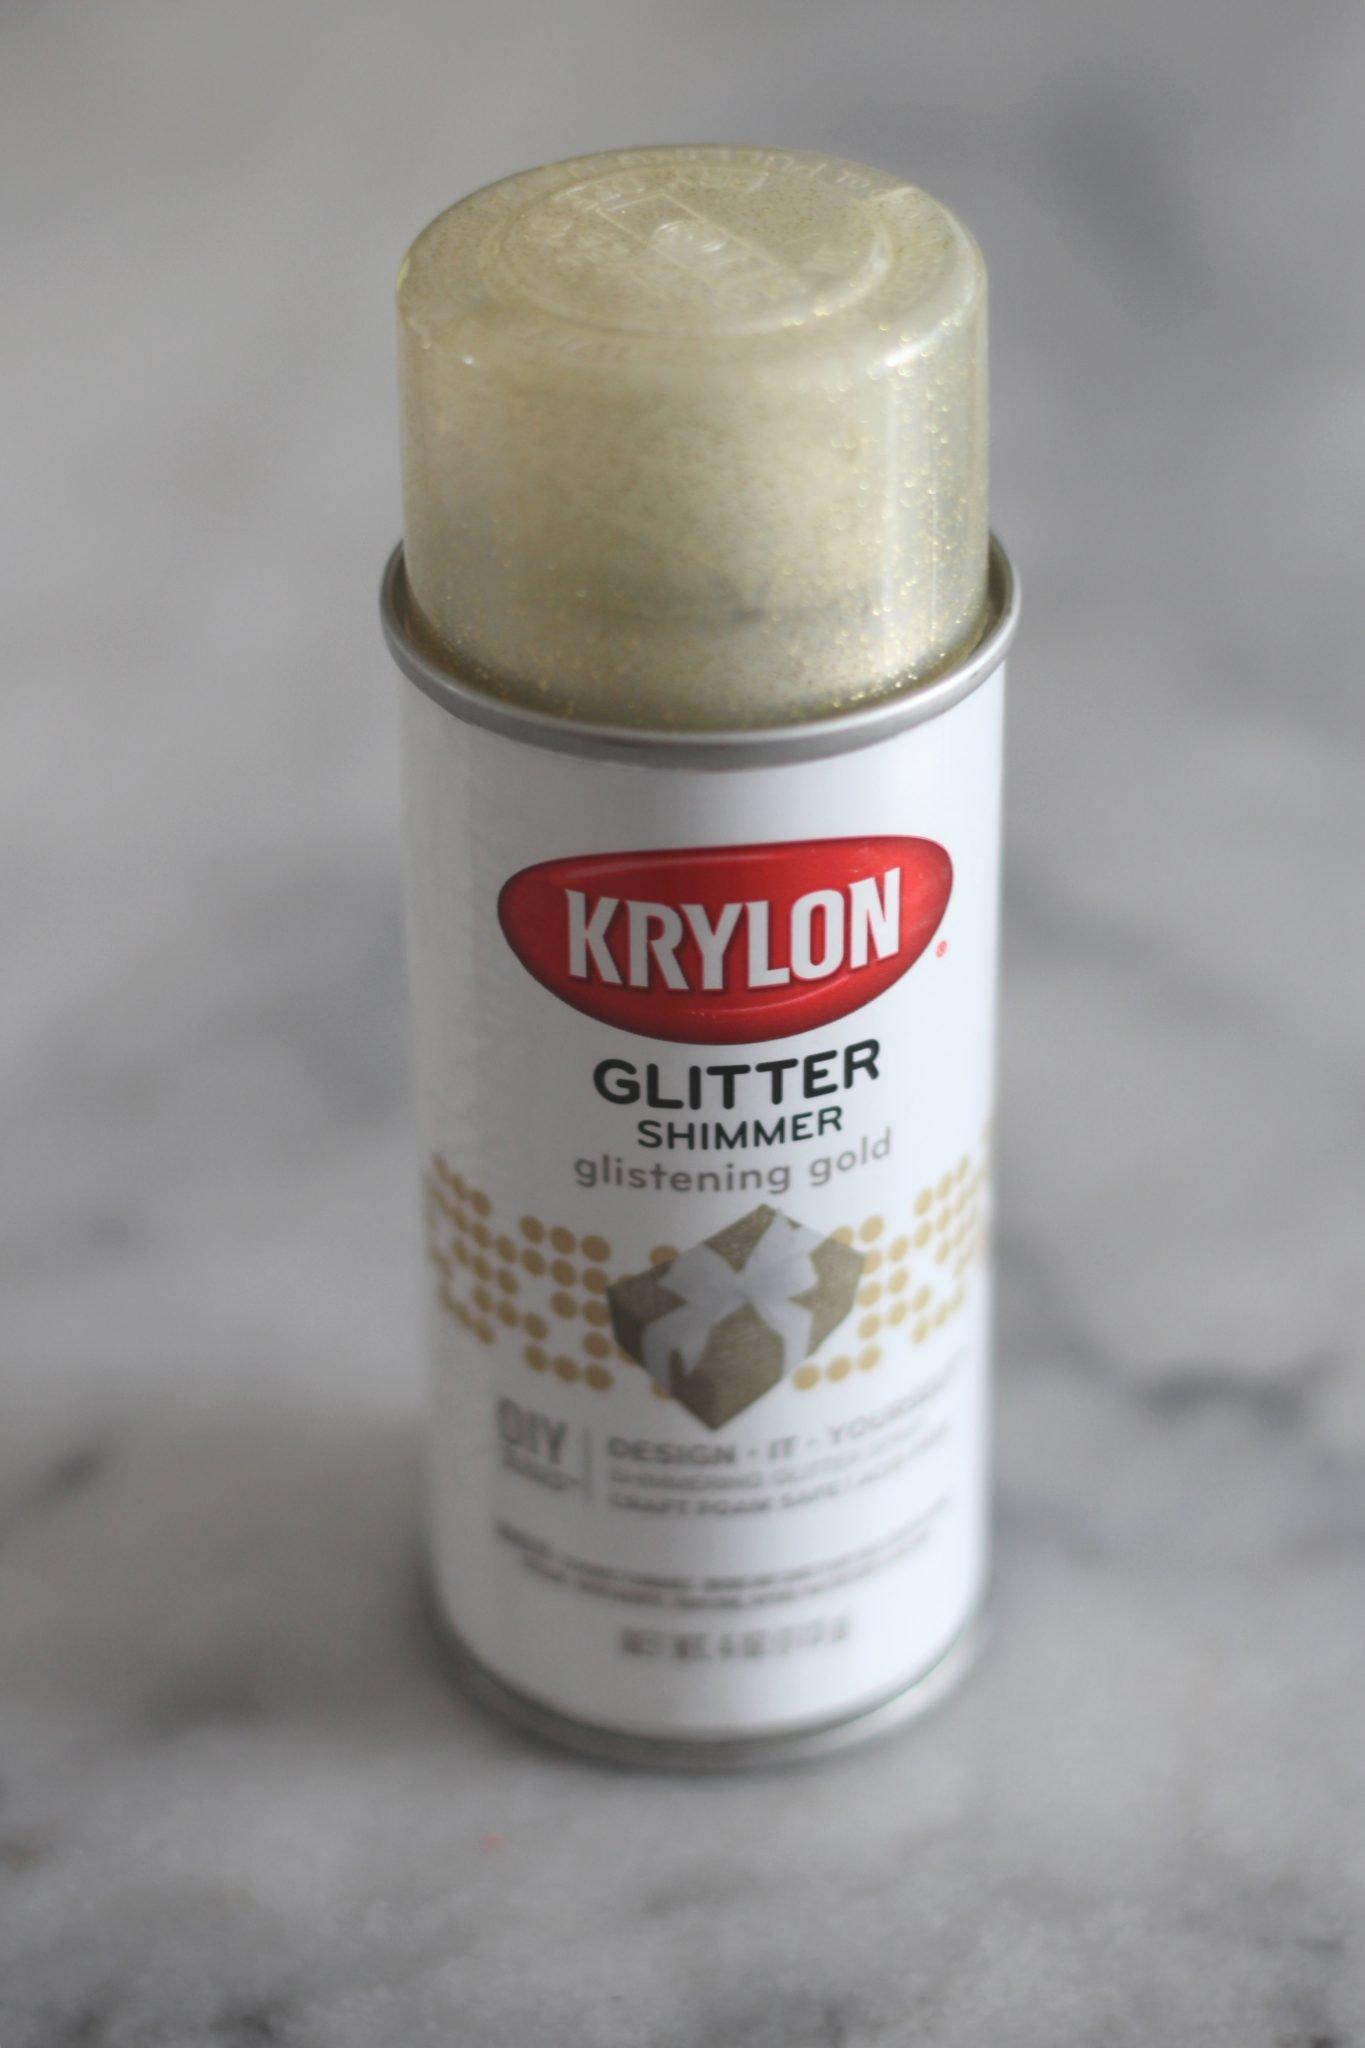 Krylon Glitter Shimmer